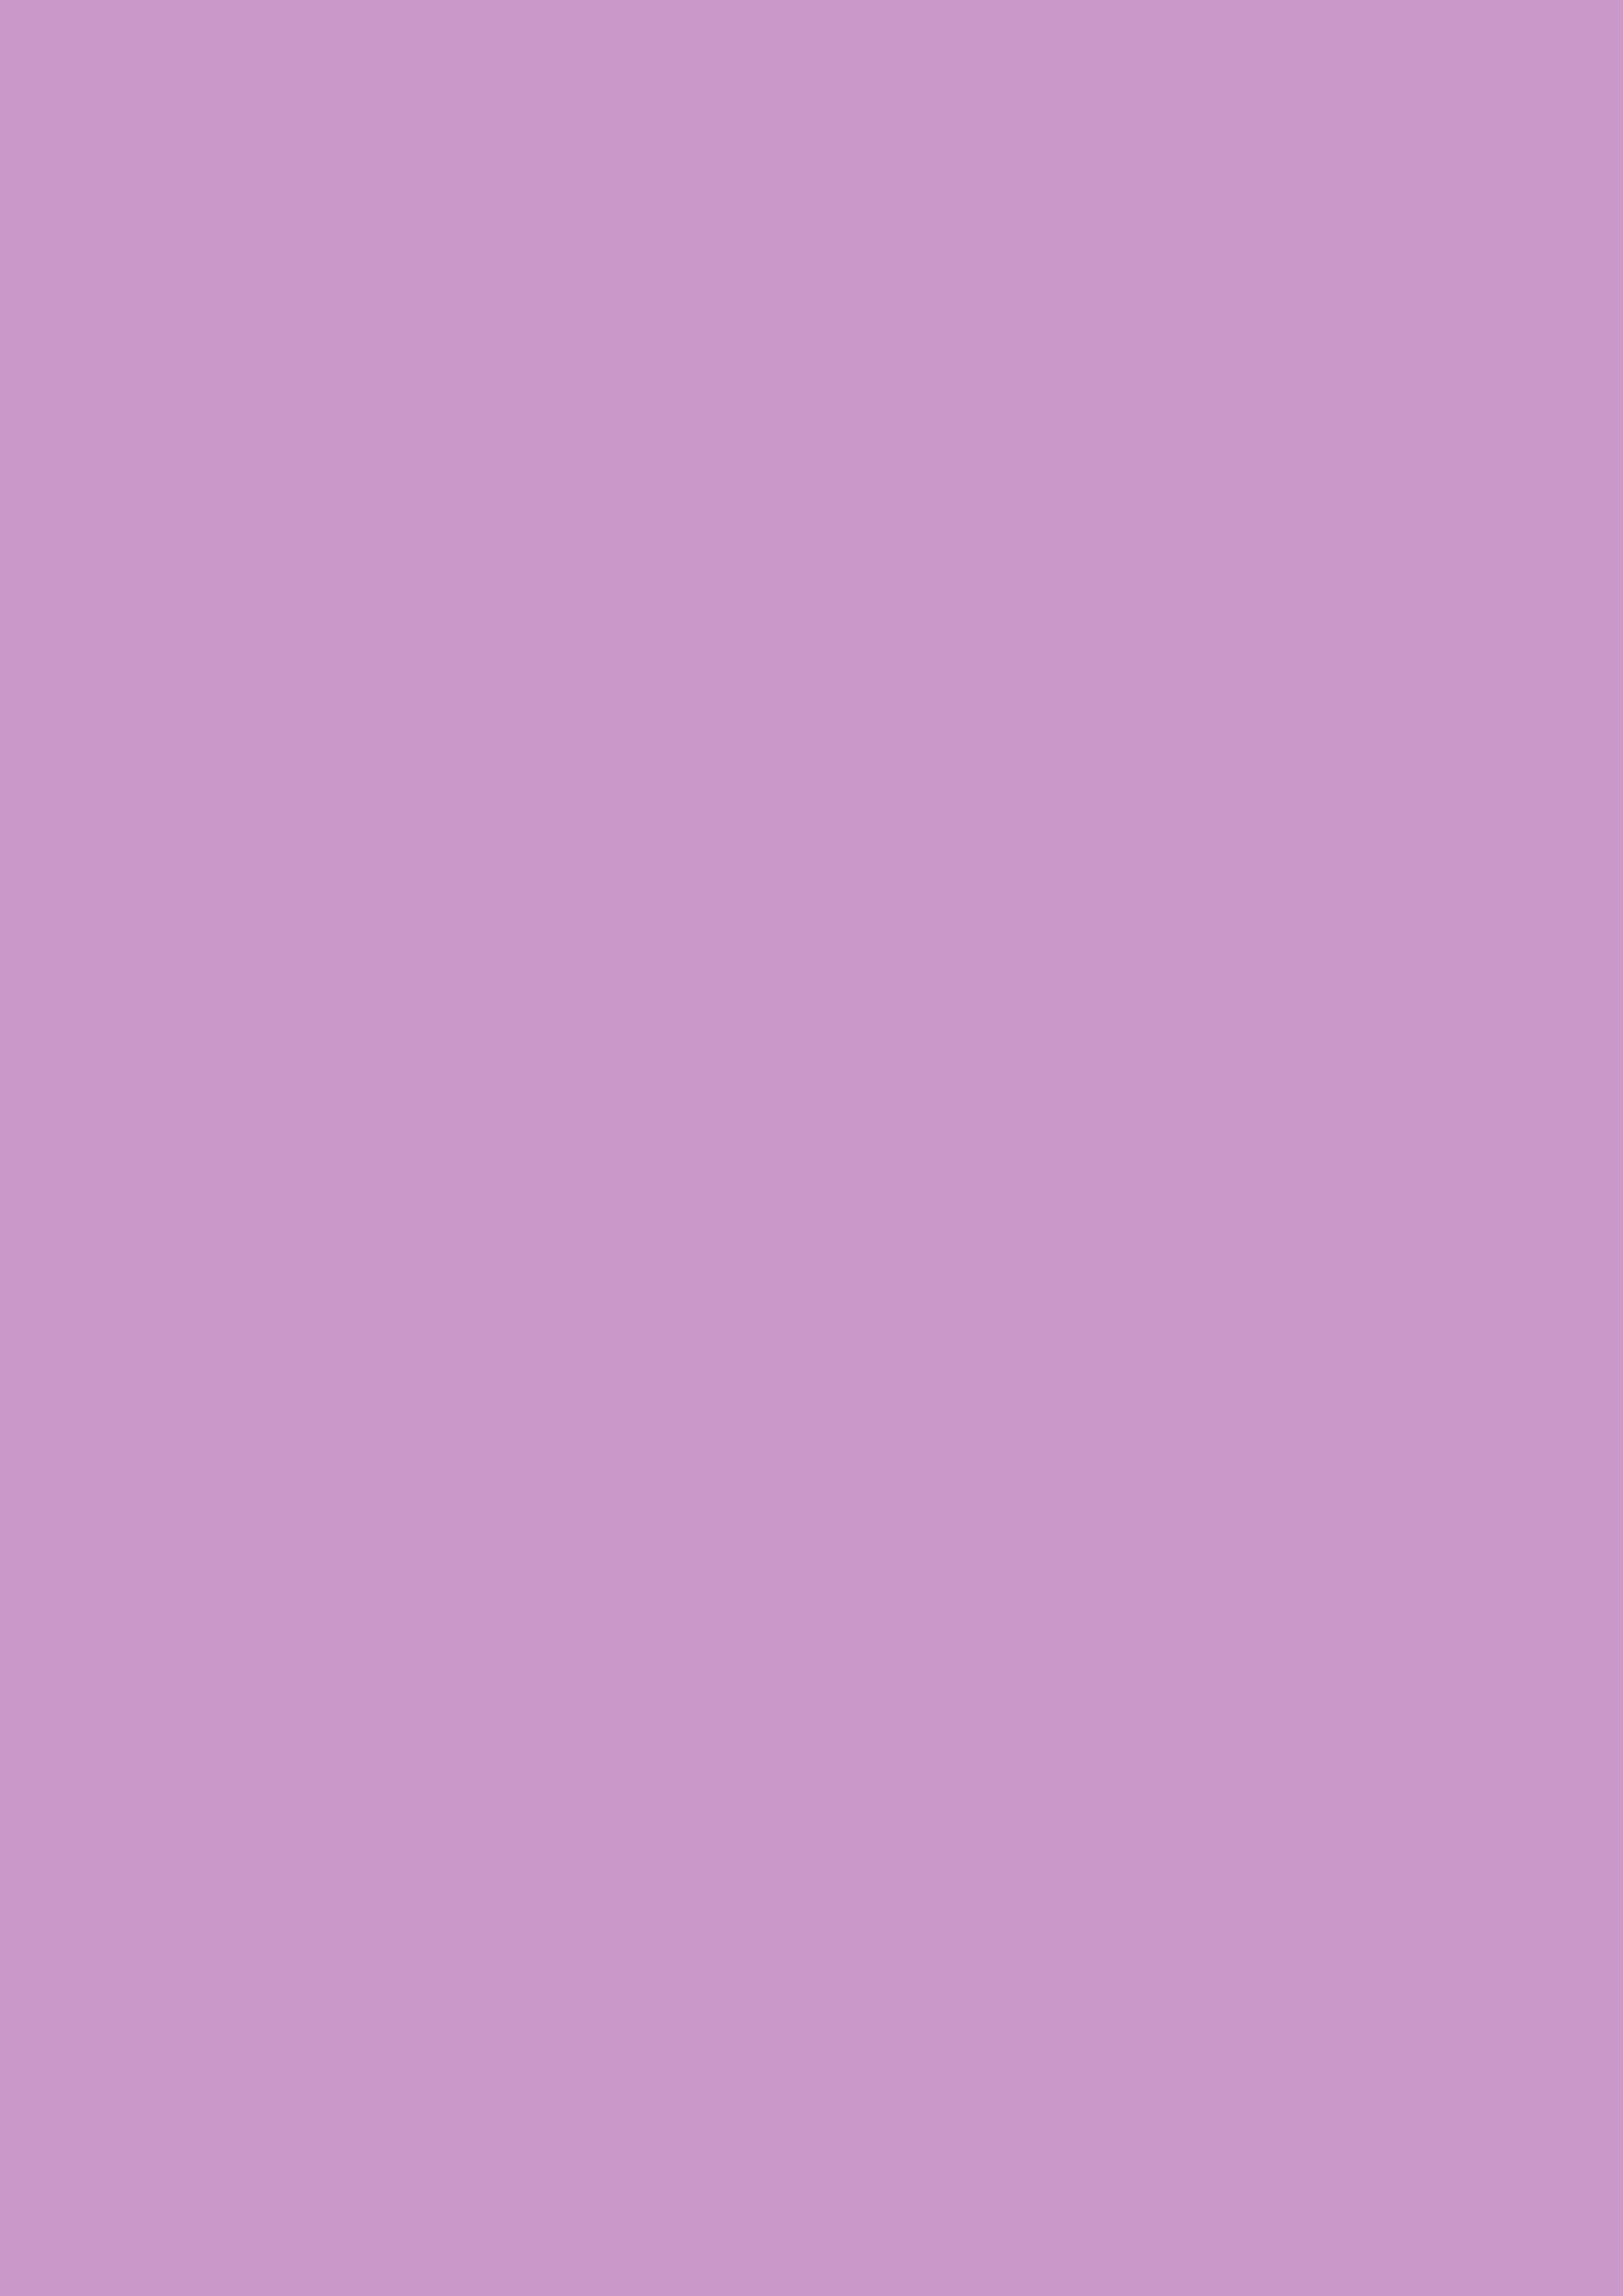 2480x3508 Pastel Violet Solid Color Background